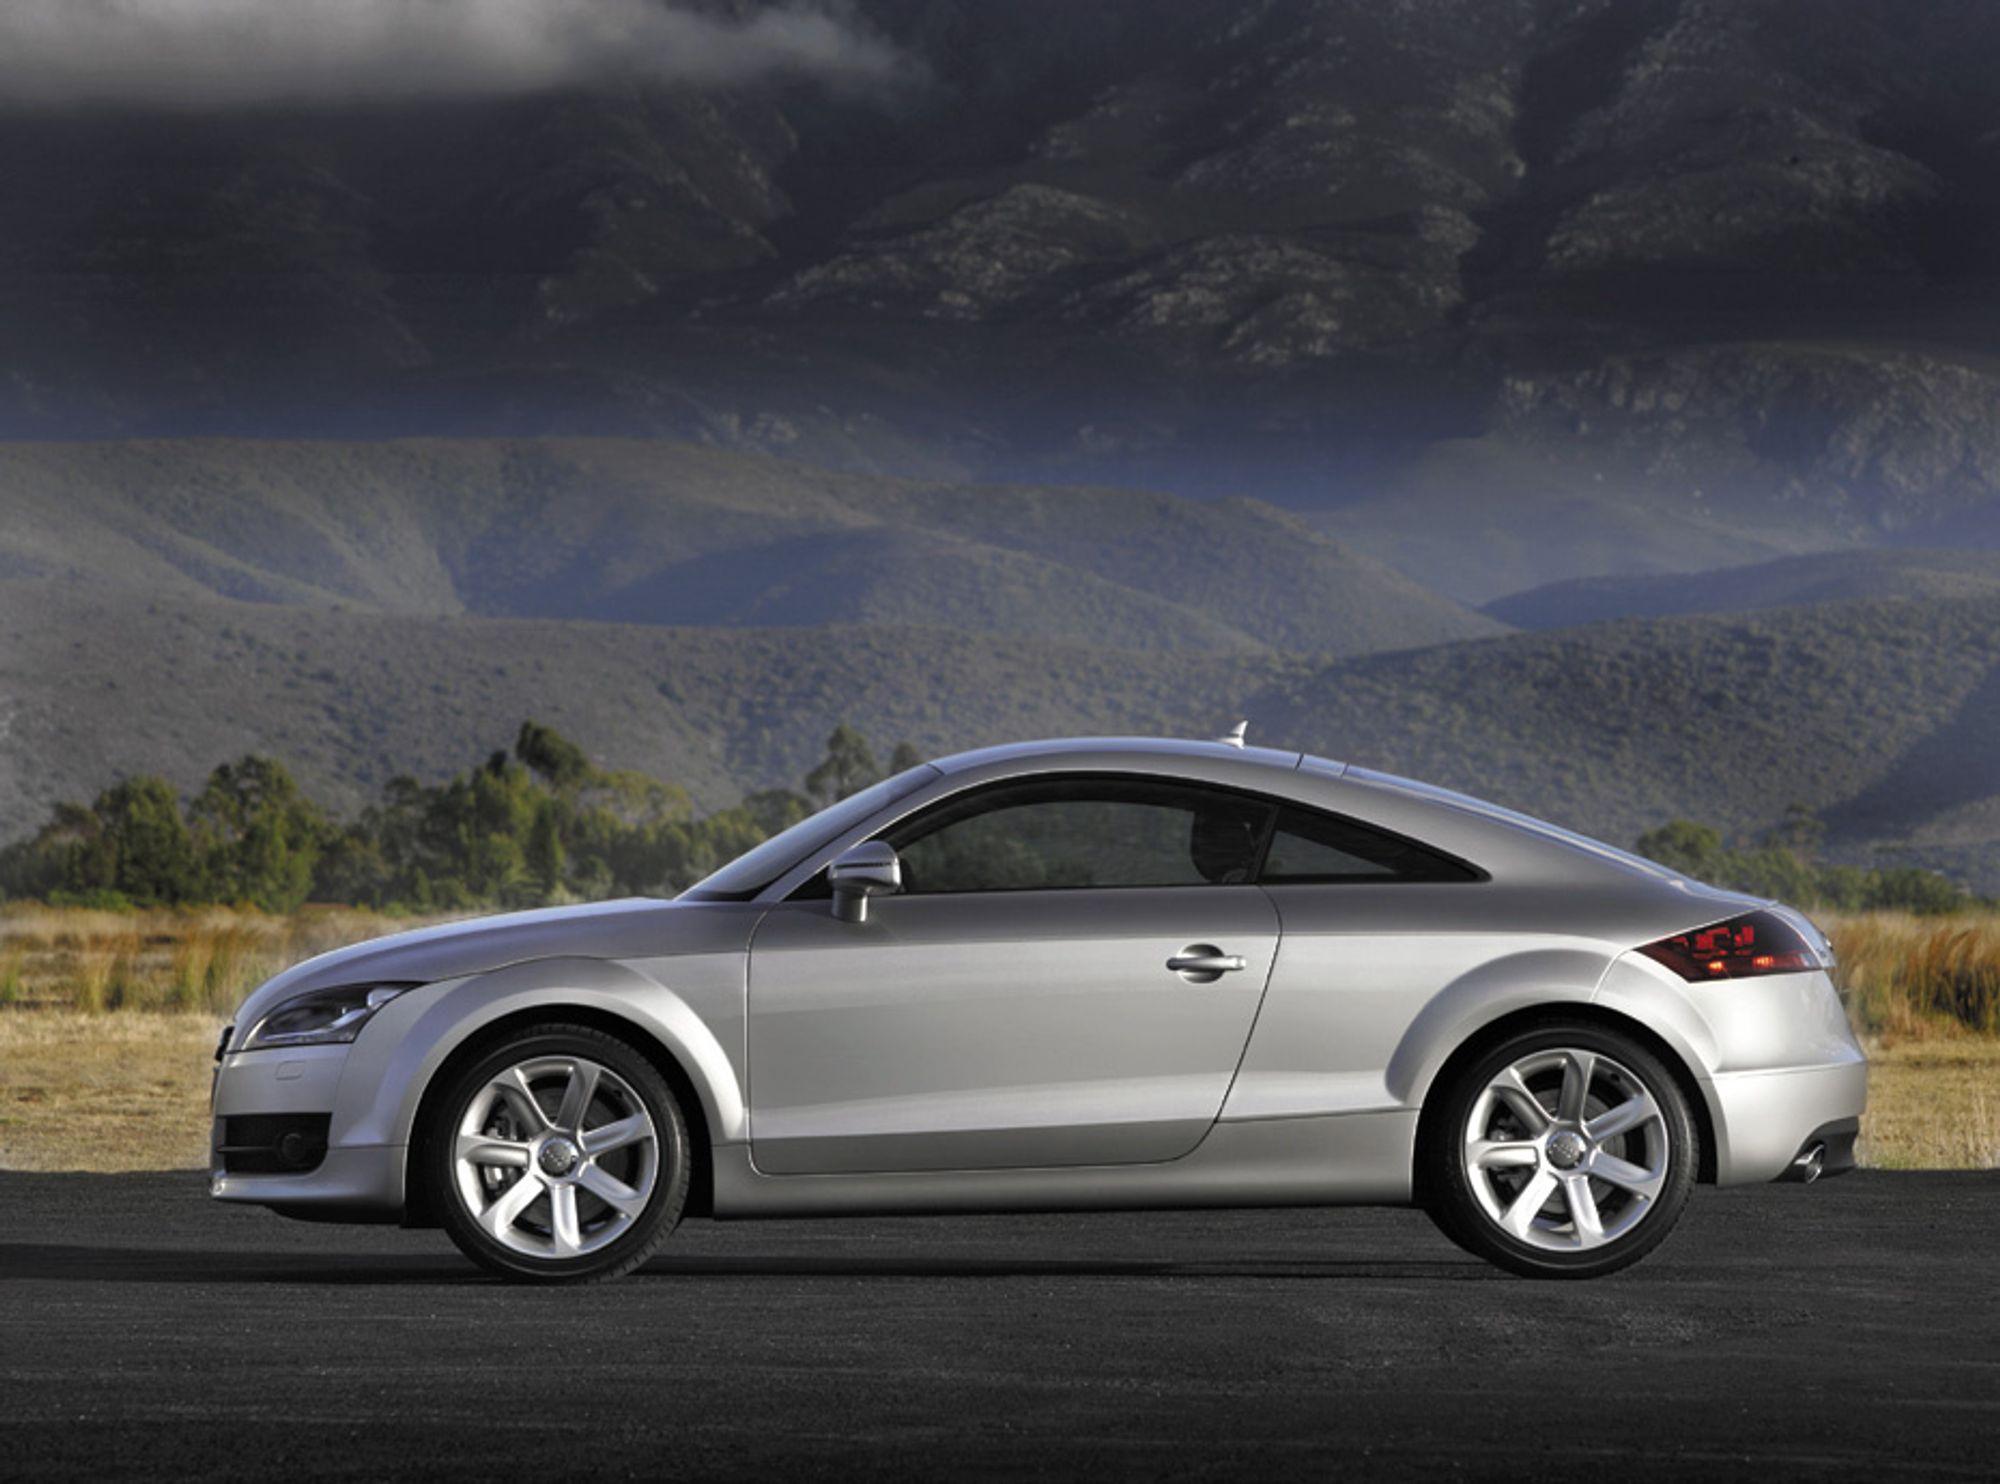 Audi TT i ny utgave. Hekkspoiler har den også, men den ser du ikke før du lar de 200 hestene få bilen til å passere 120 km/t. Bilen bruker 6,4 sekunder på å komme opp i 100 km/t. Vil du ha en sprekre utgave, får du den med V6 og 250 hk.